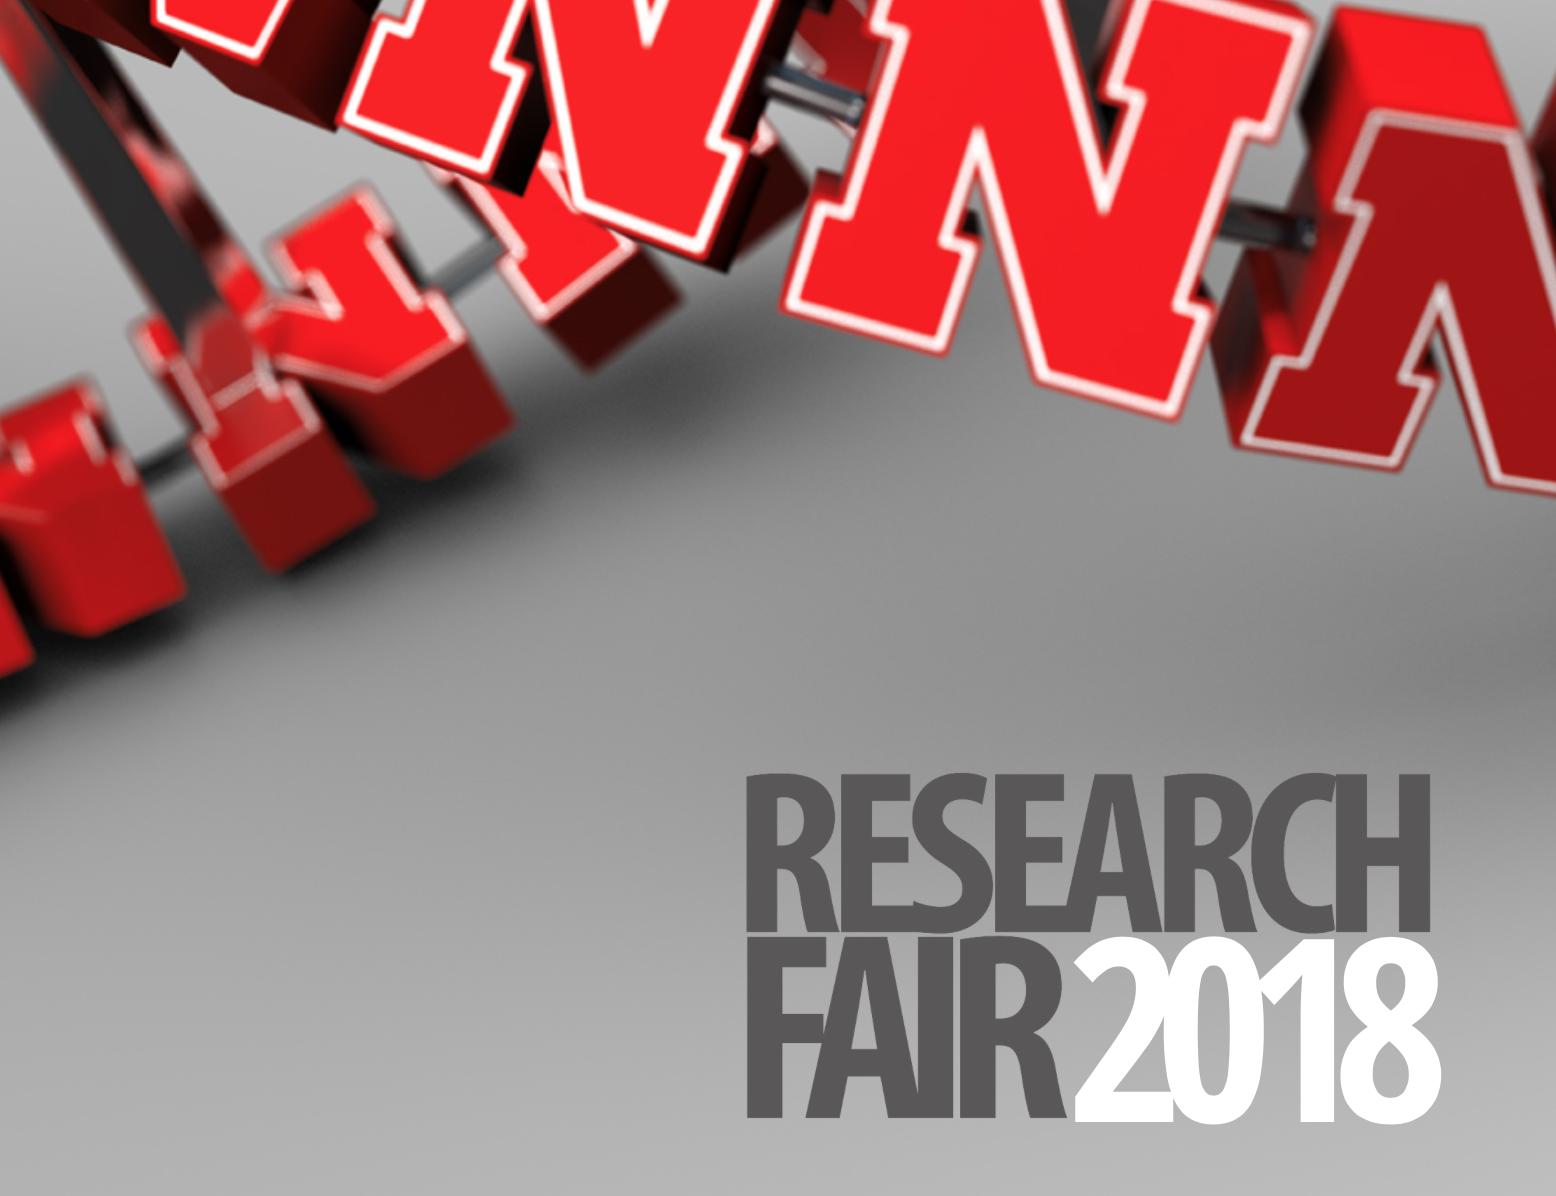 Research Fair 2018